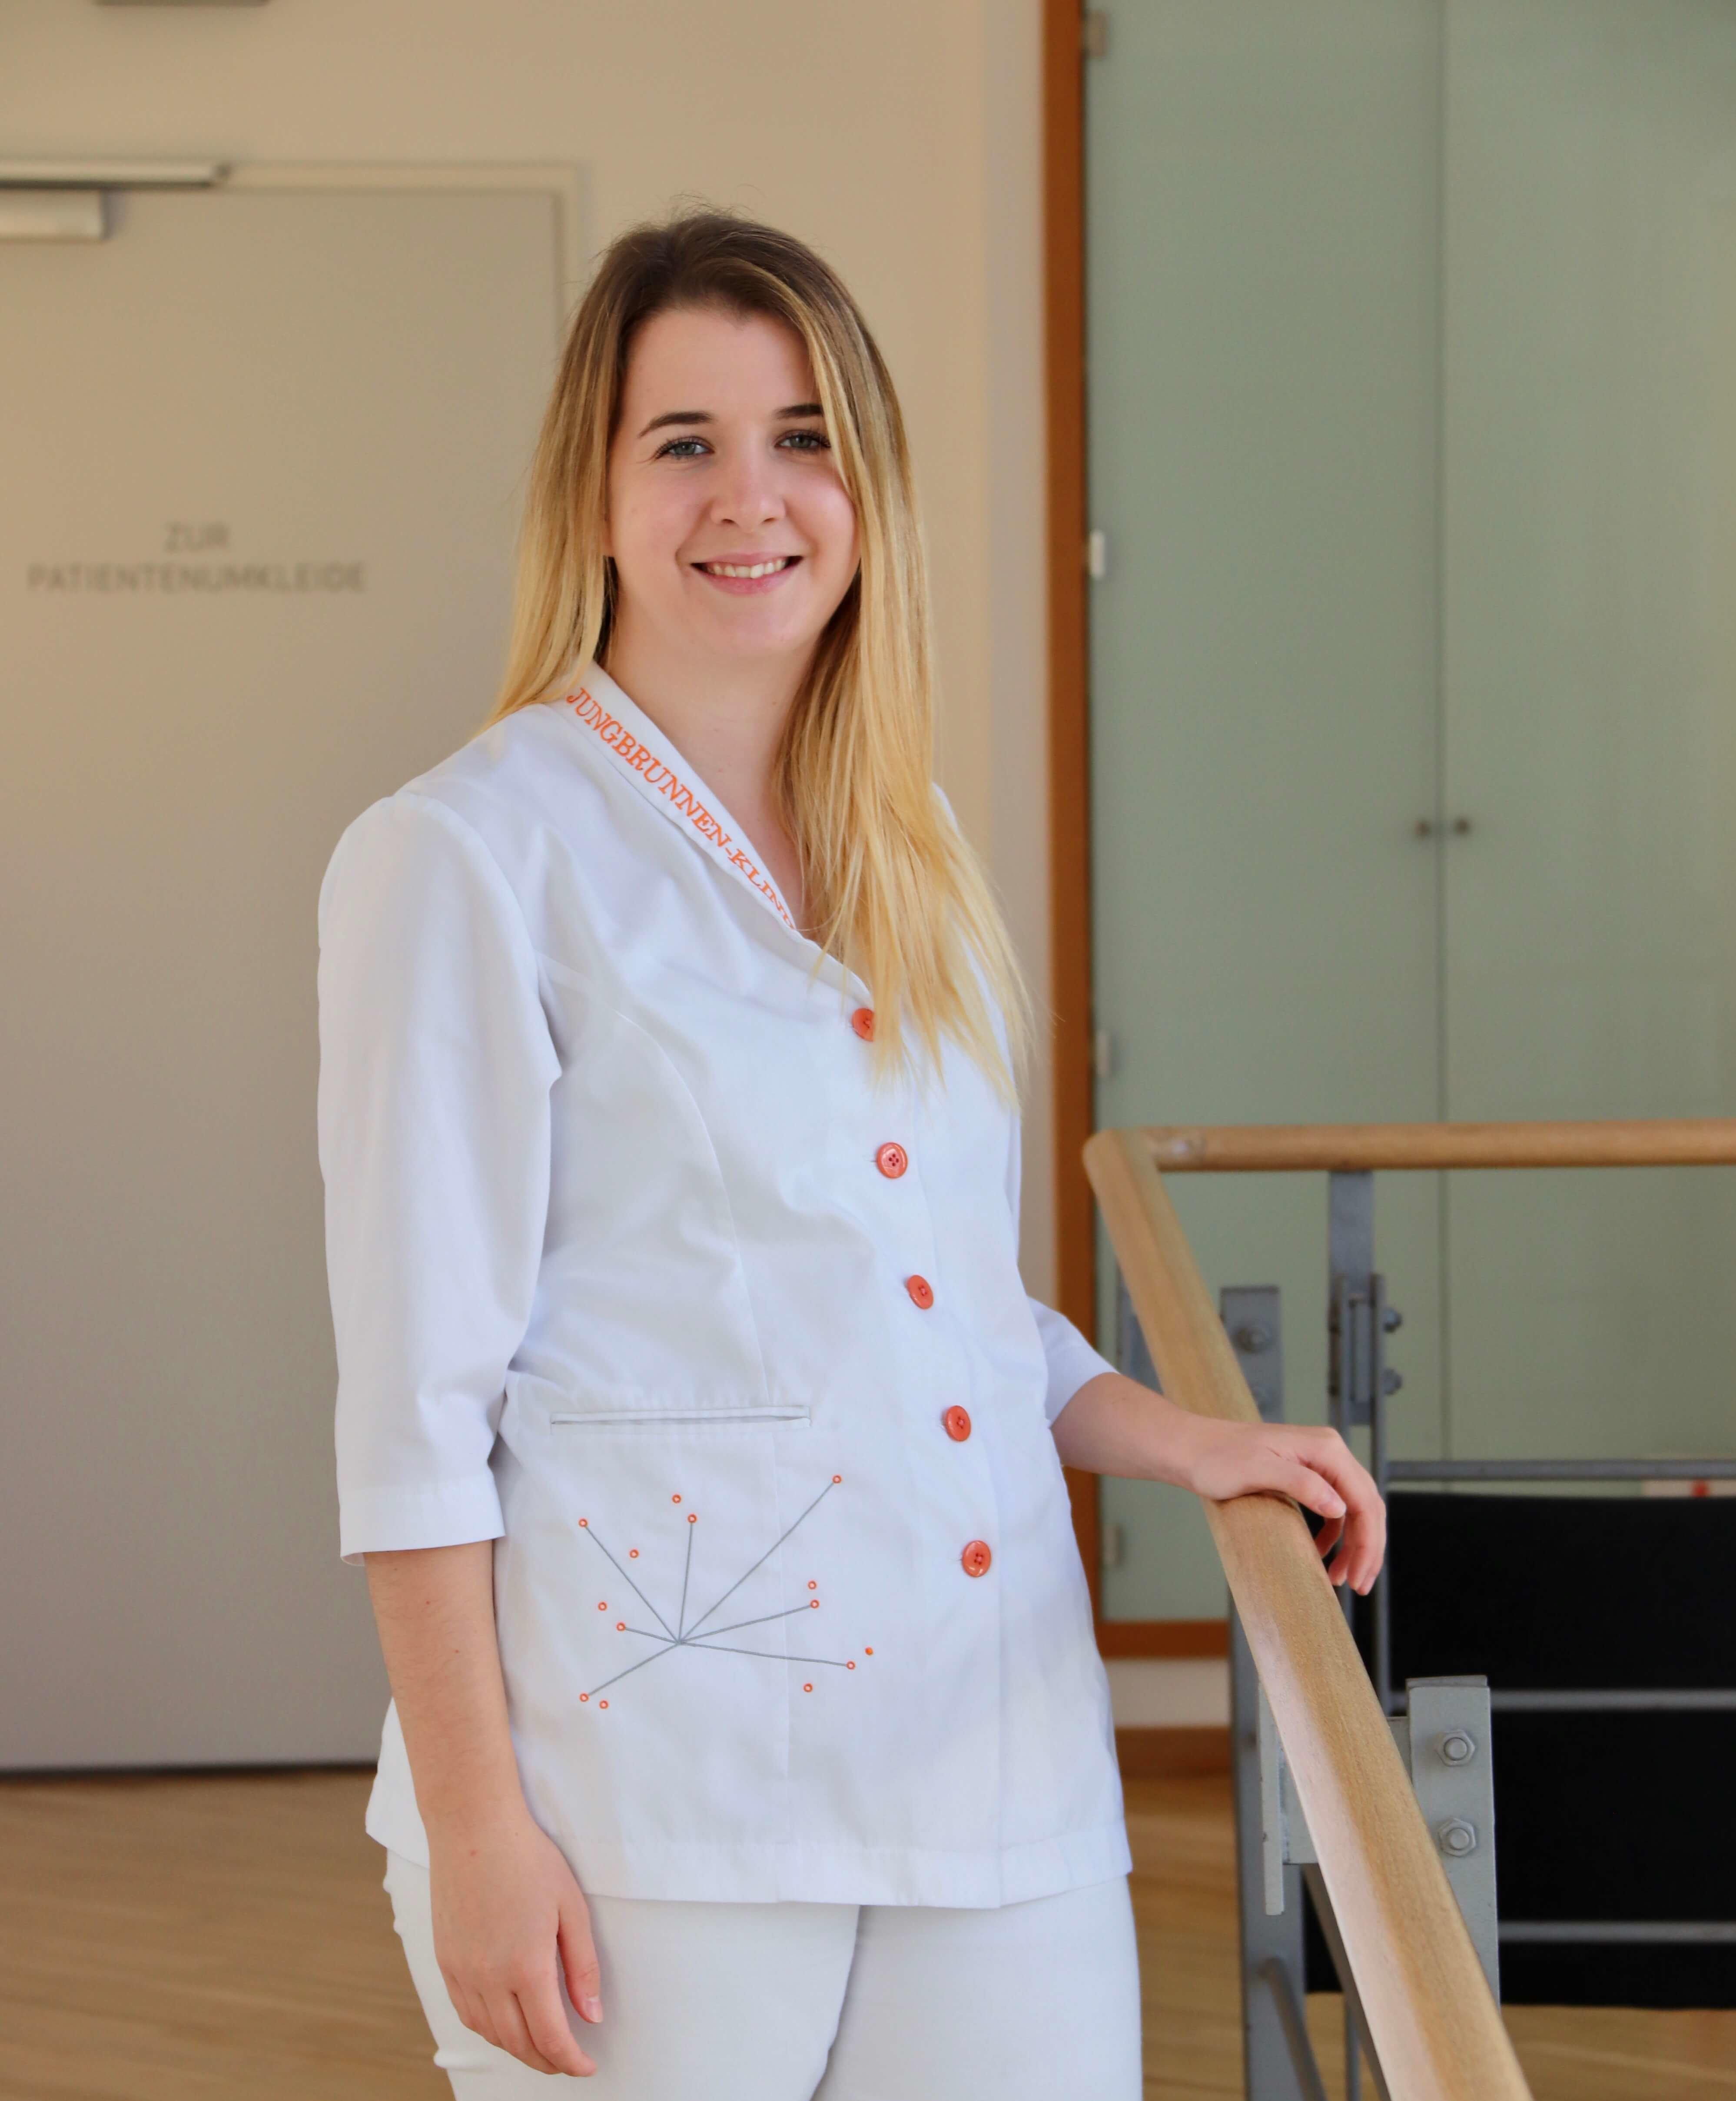 Lisa Kaufmann arbeitet in der Jungbrunnen-Klinik als auszubildende zur MFA